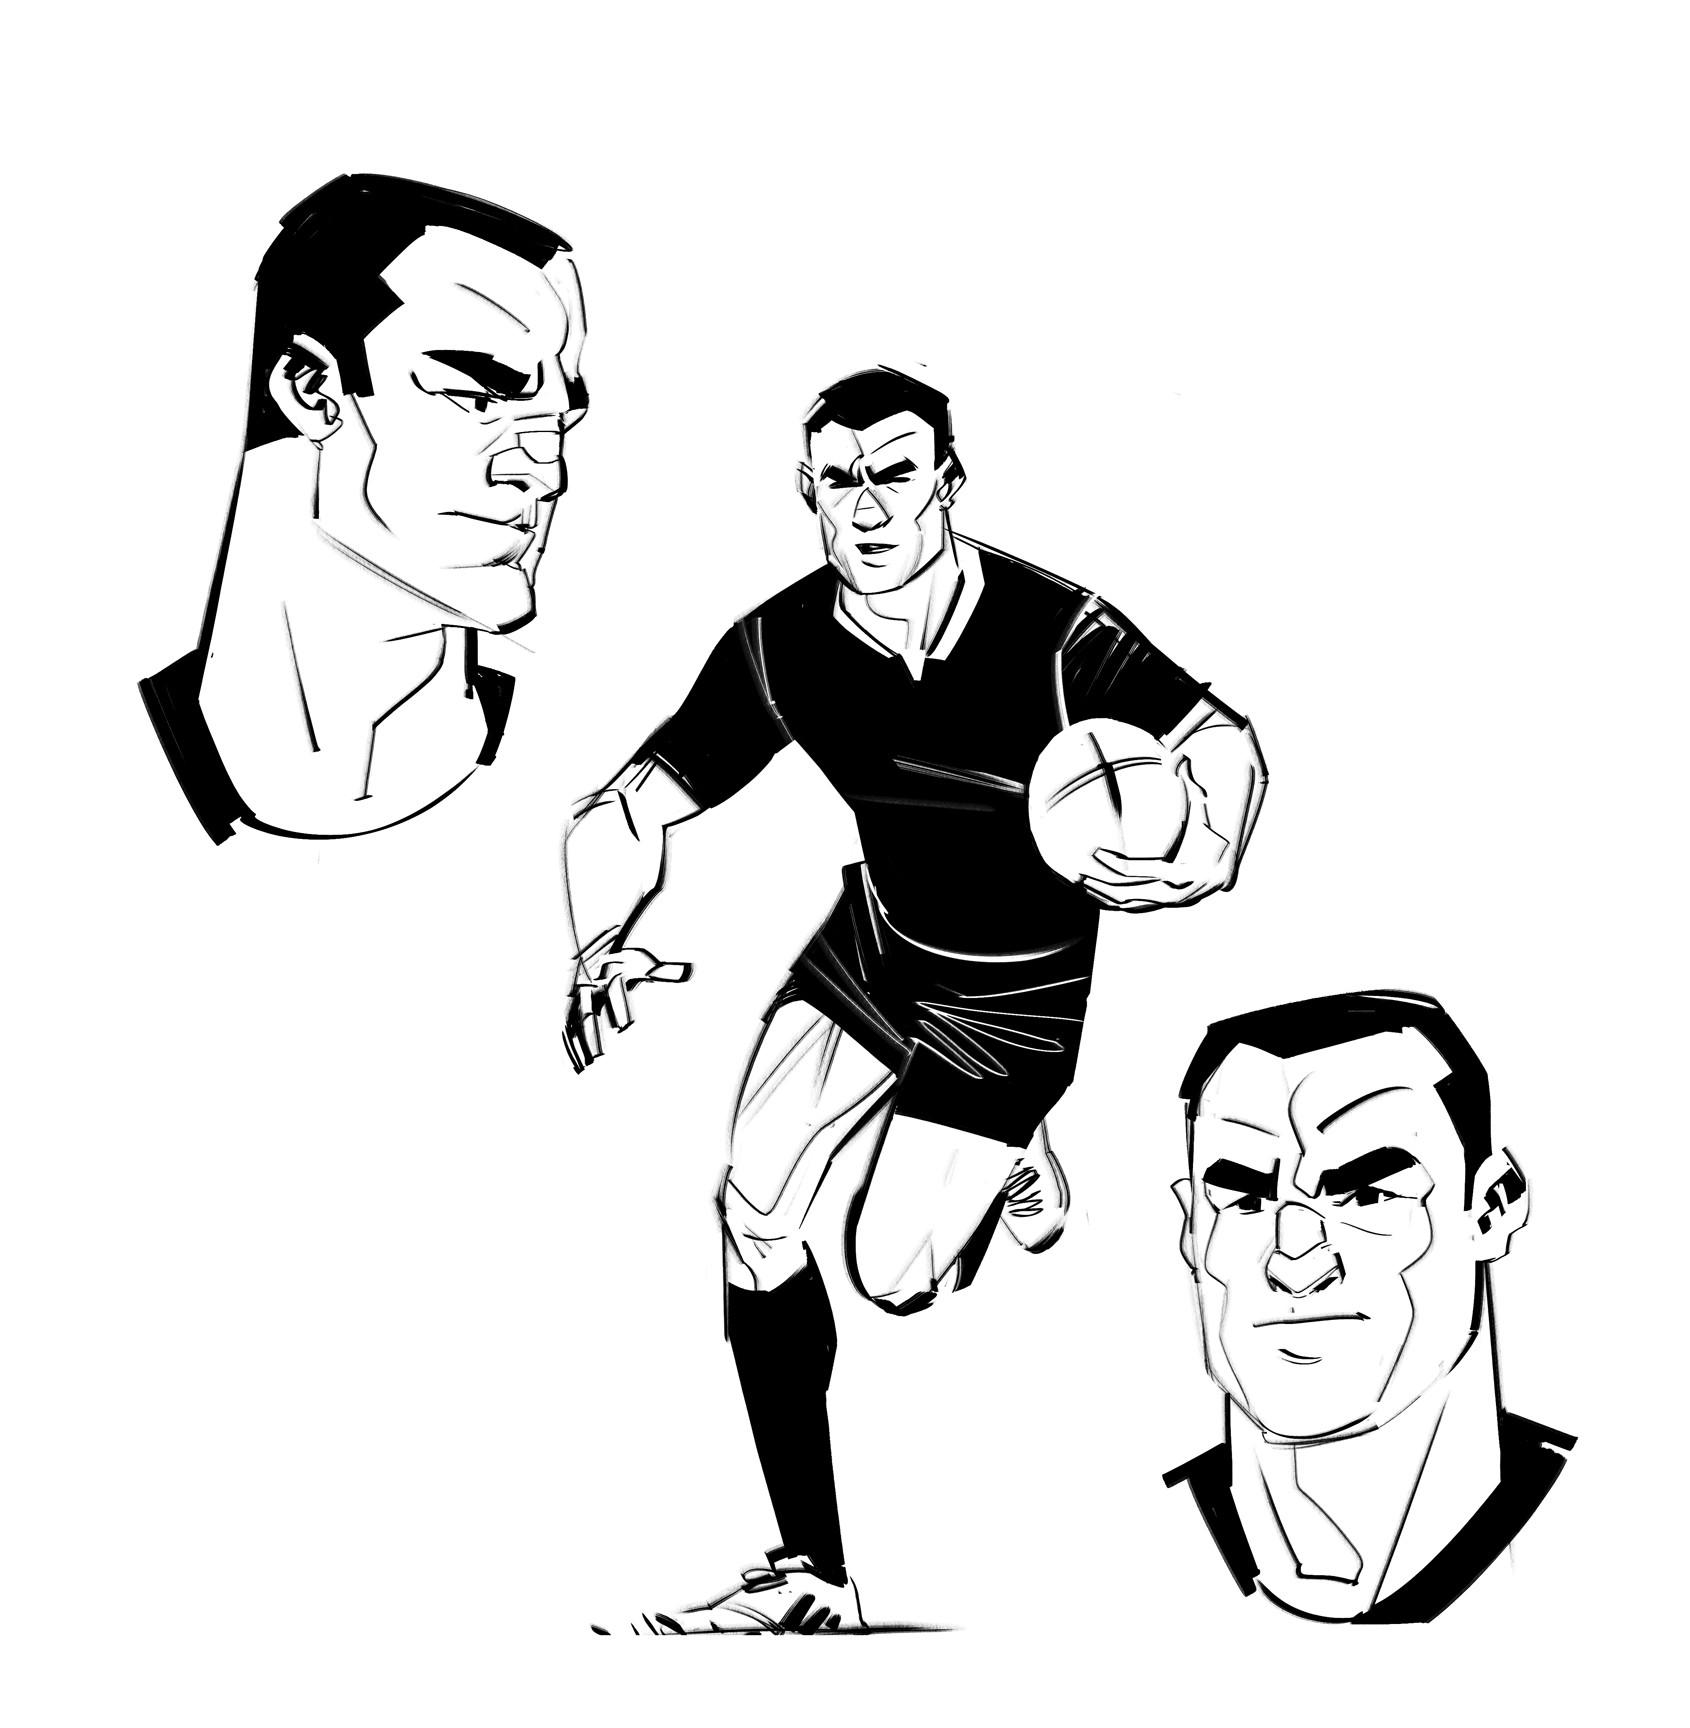 Renaud roche sketches04